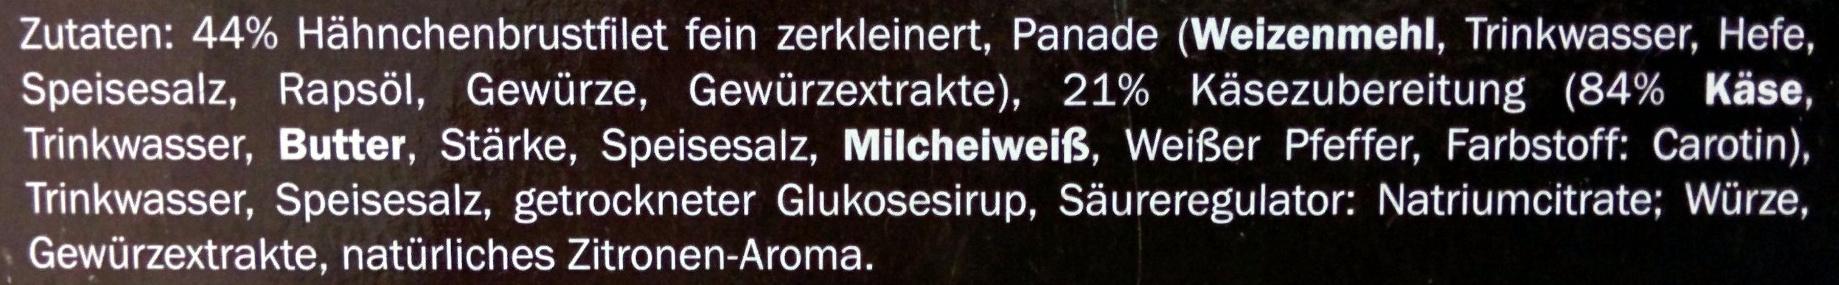 Hähnchen Nuggets Käse - Ingrédients - de